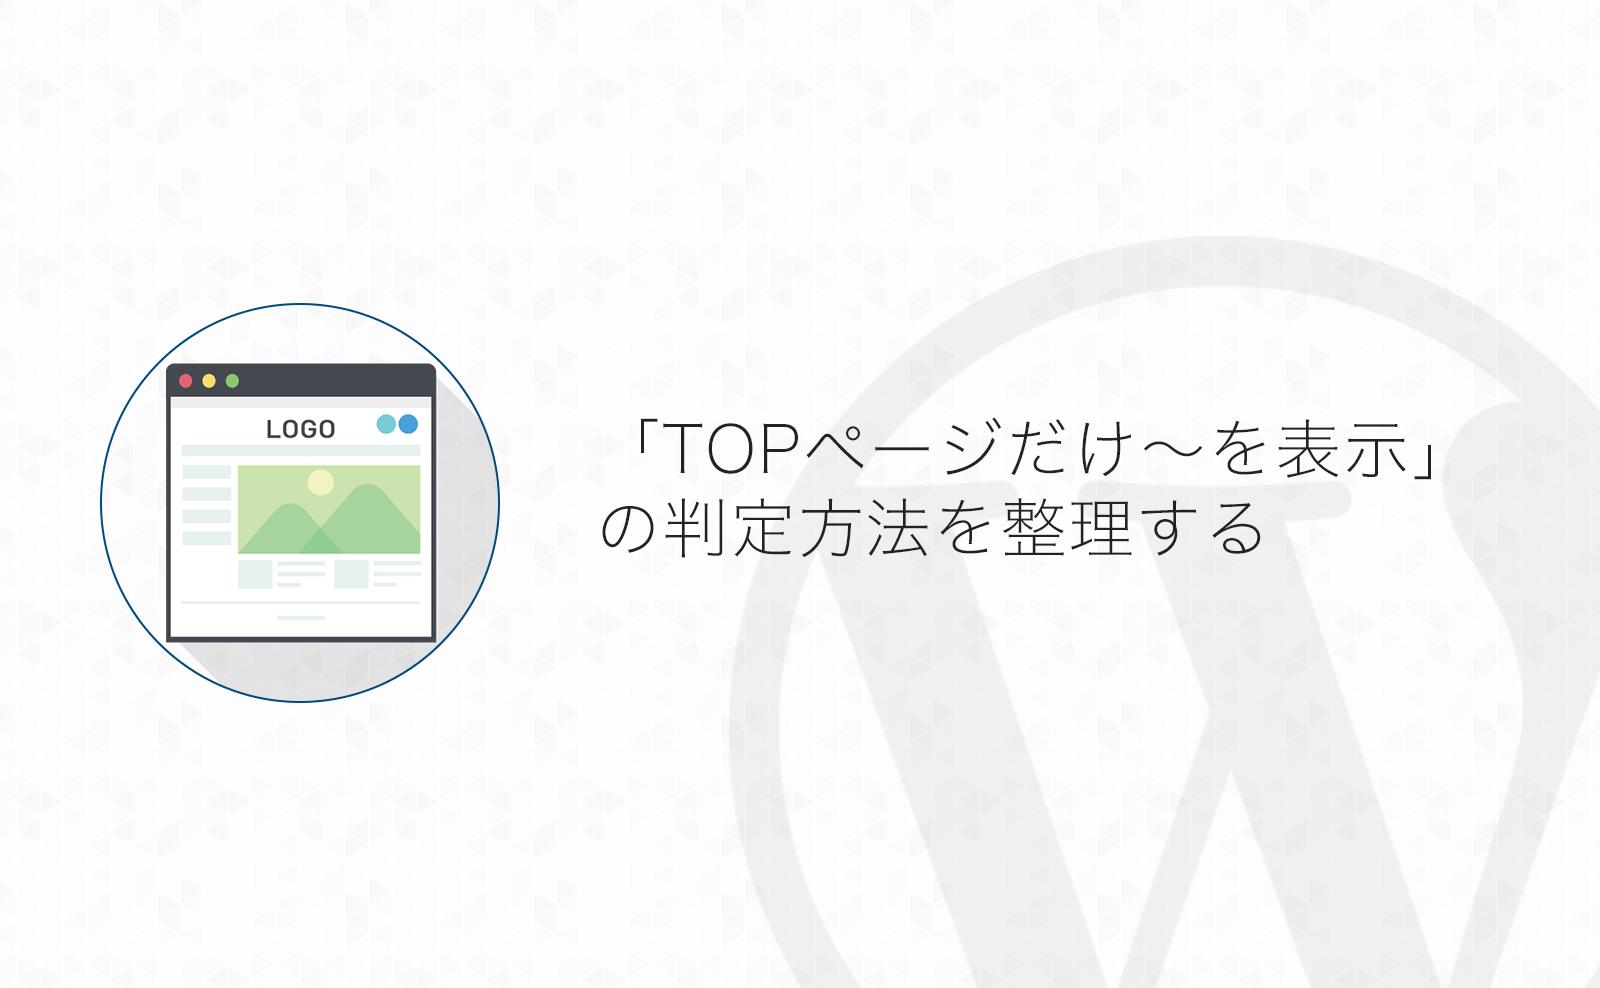 【WordPress】「TOPページだけ〜を表示したい」カスタマイズの為の判断方法を整理してみる